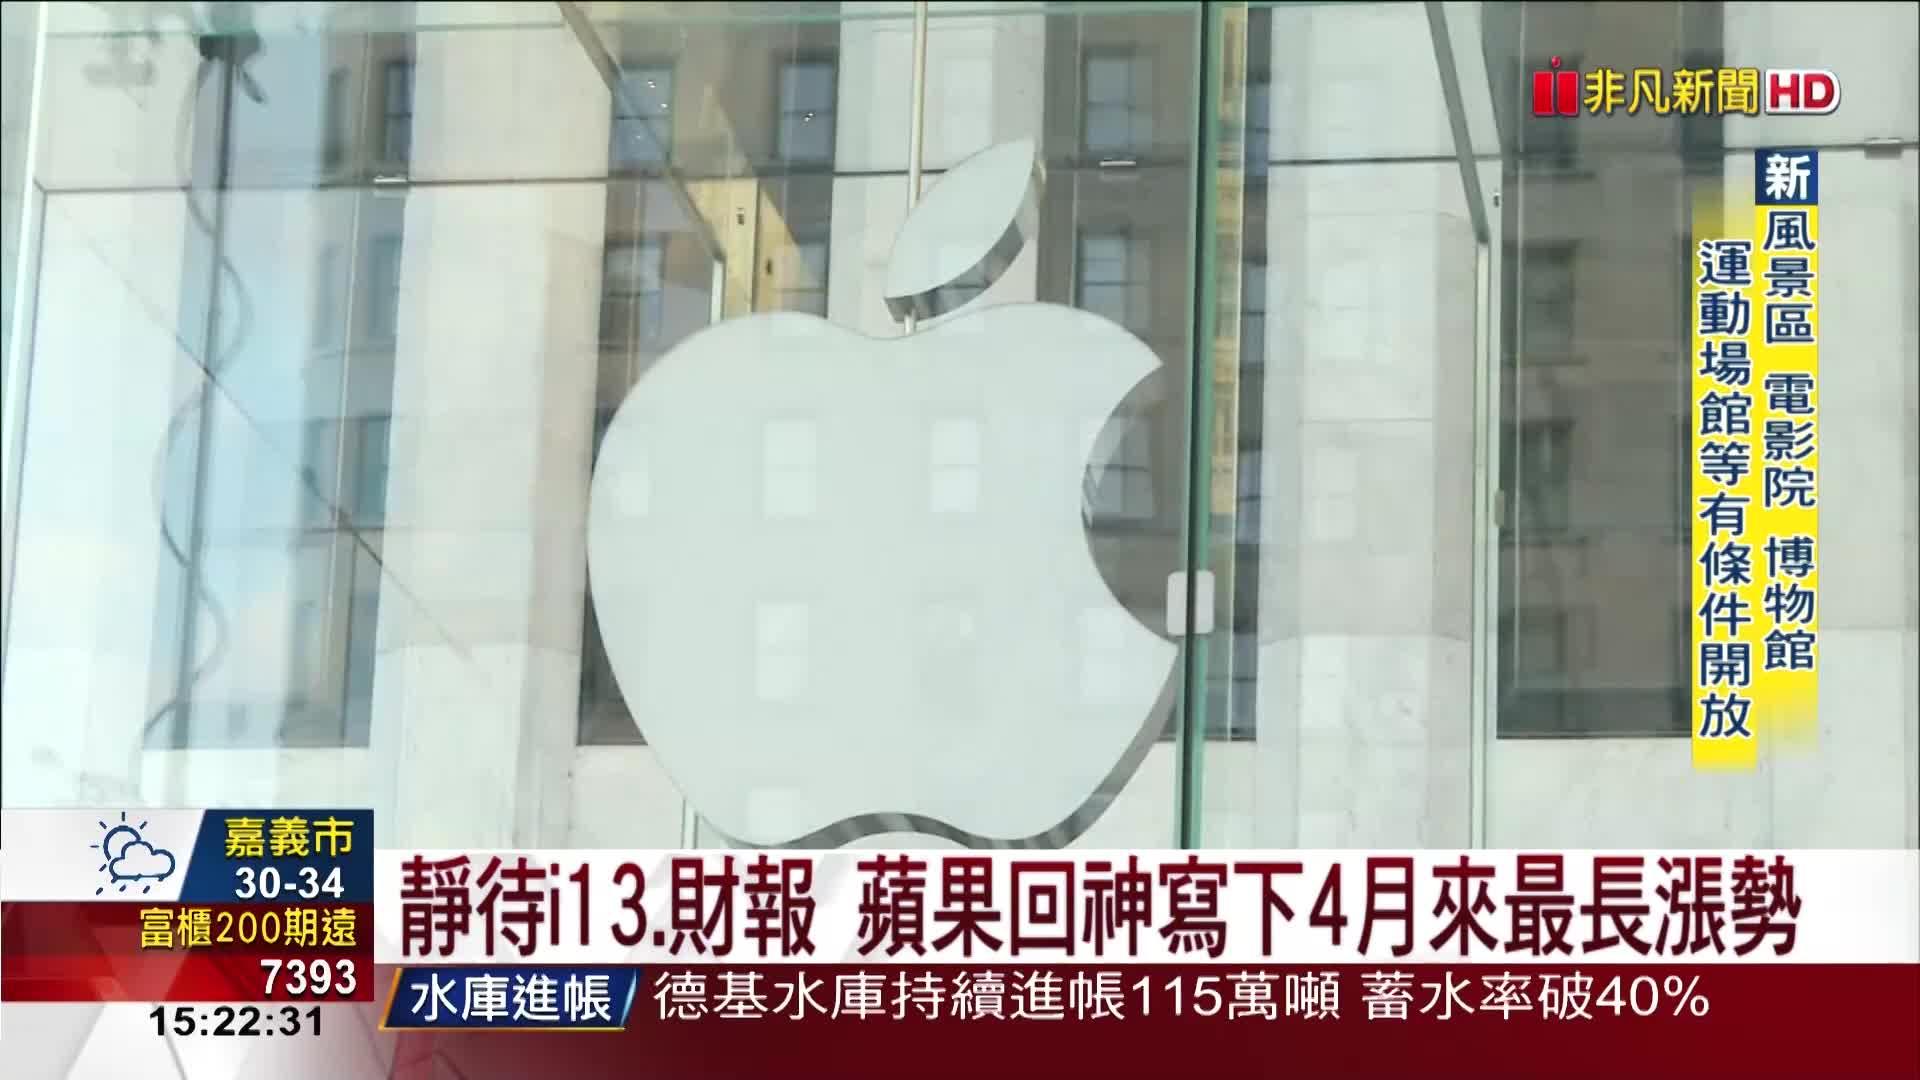 蘋果股價連7漲收創新高! 市值達2.4兆美元